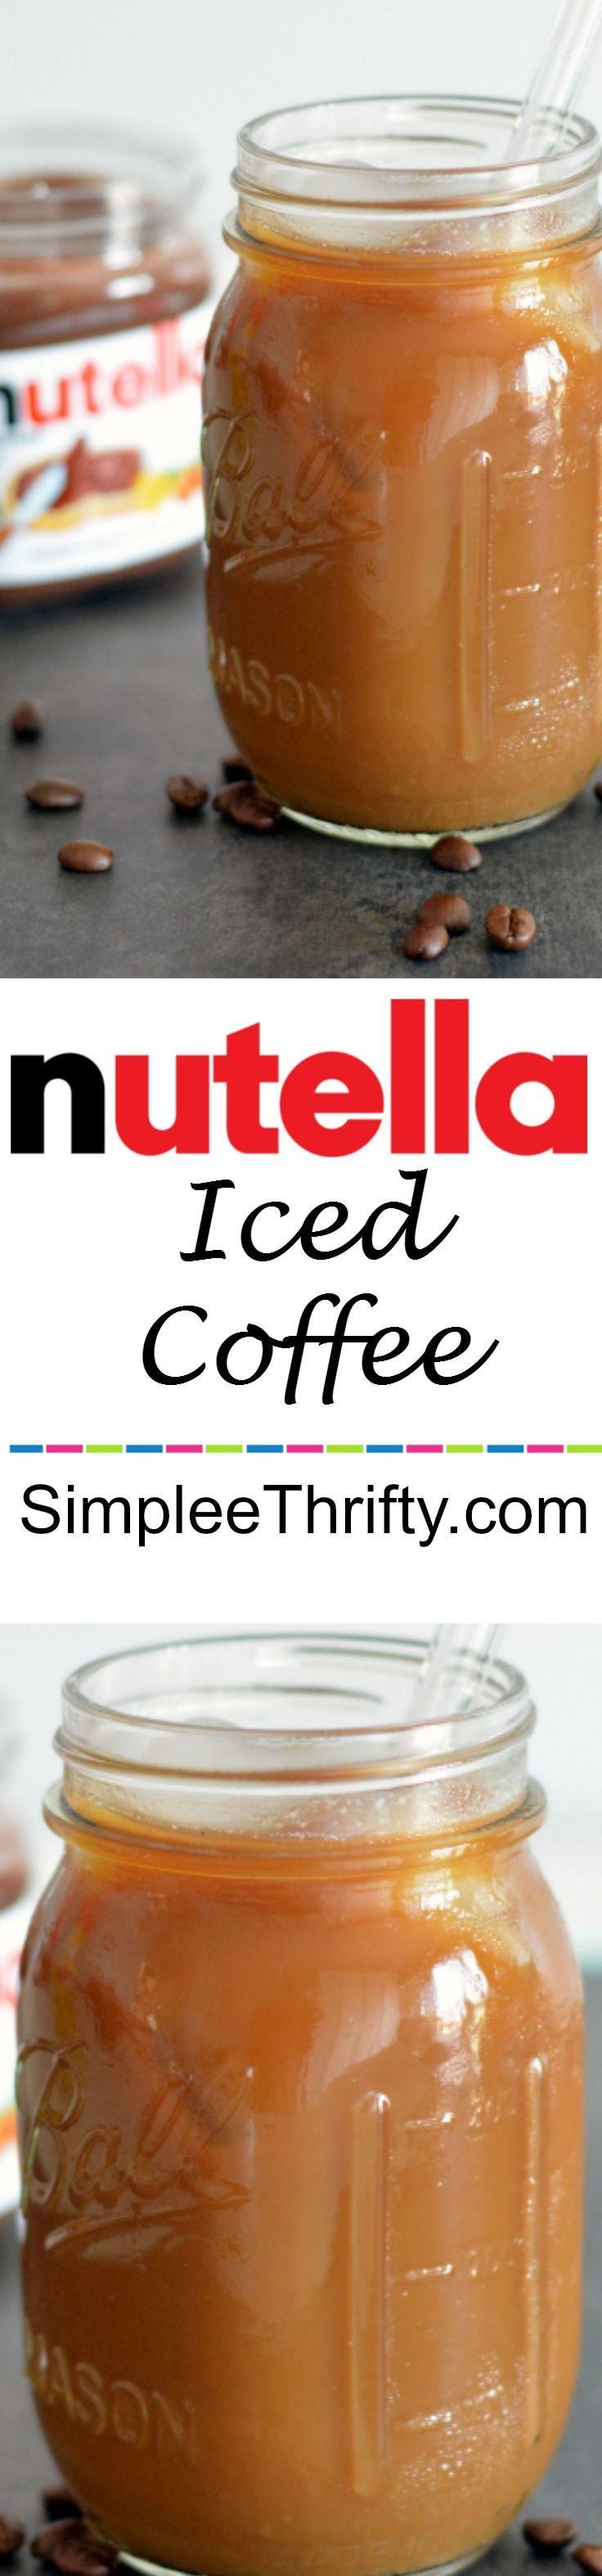 kaffeeideen7